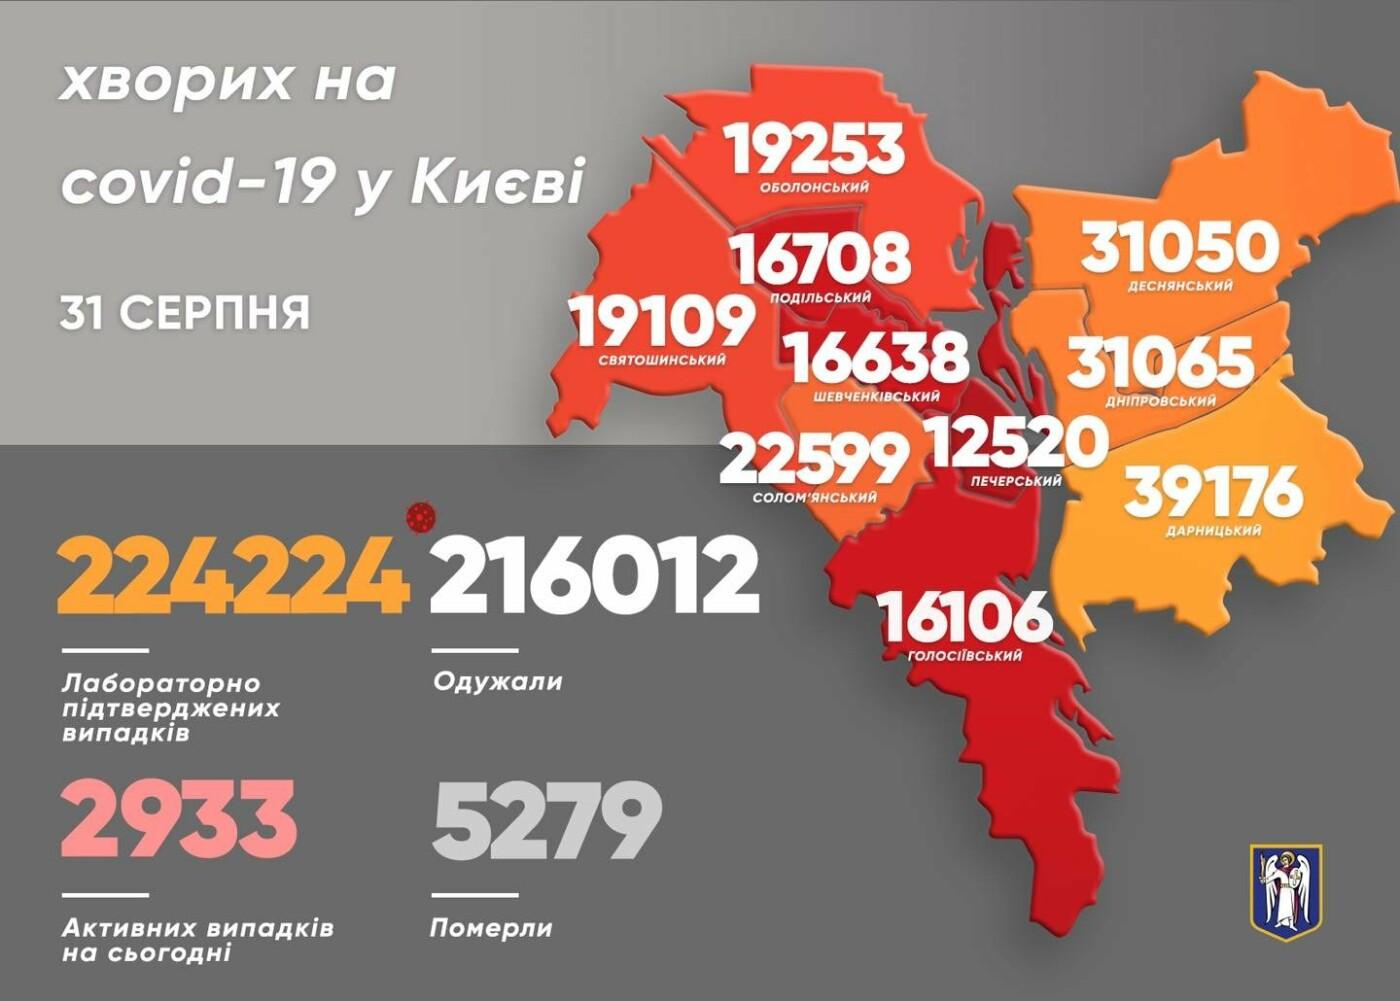 Статистика в Киеве на 31 августа 2021 года